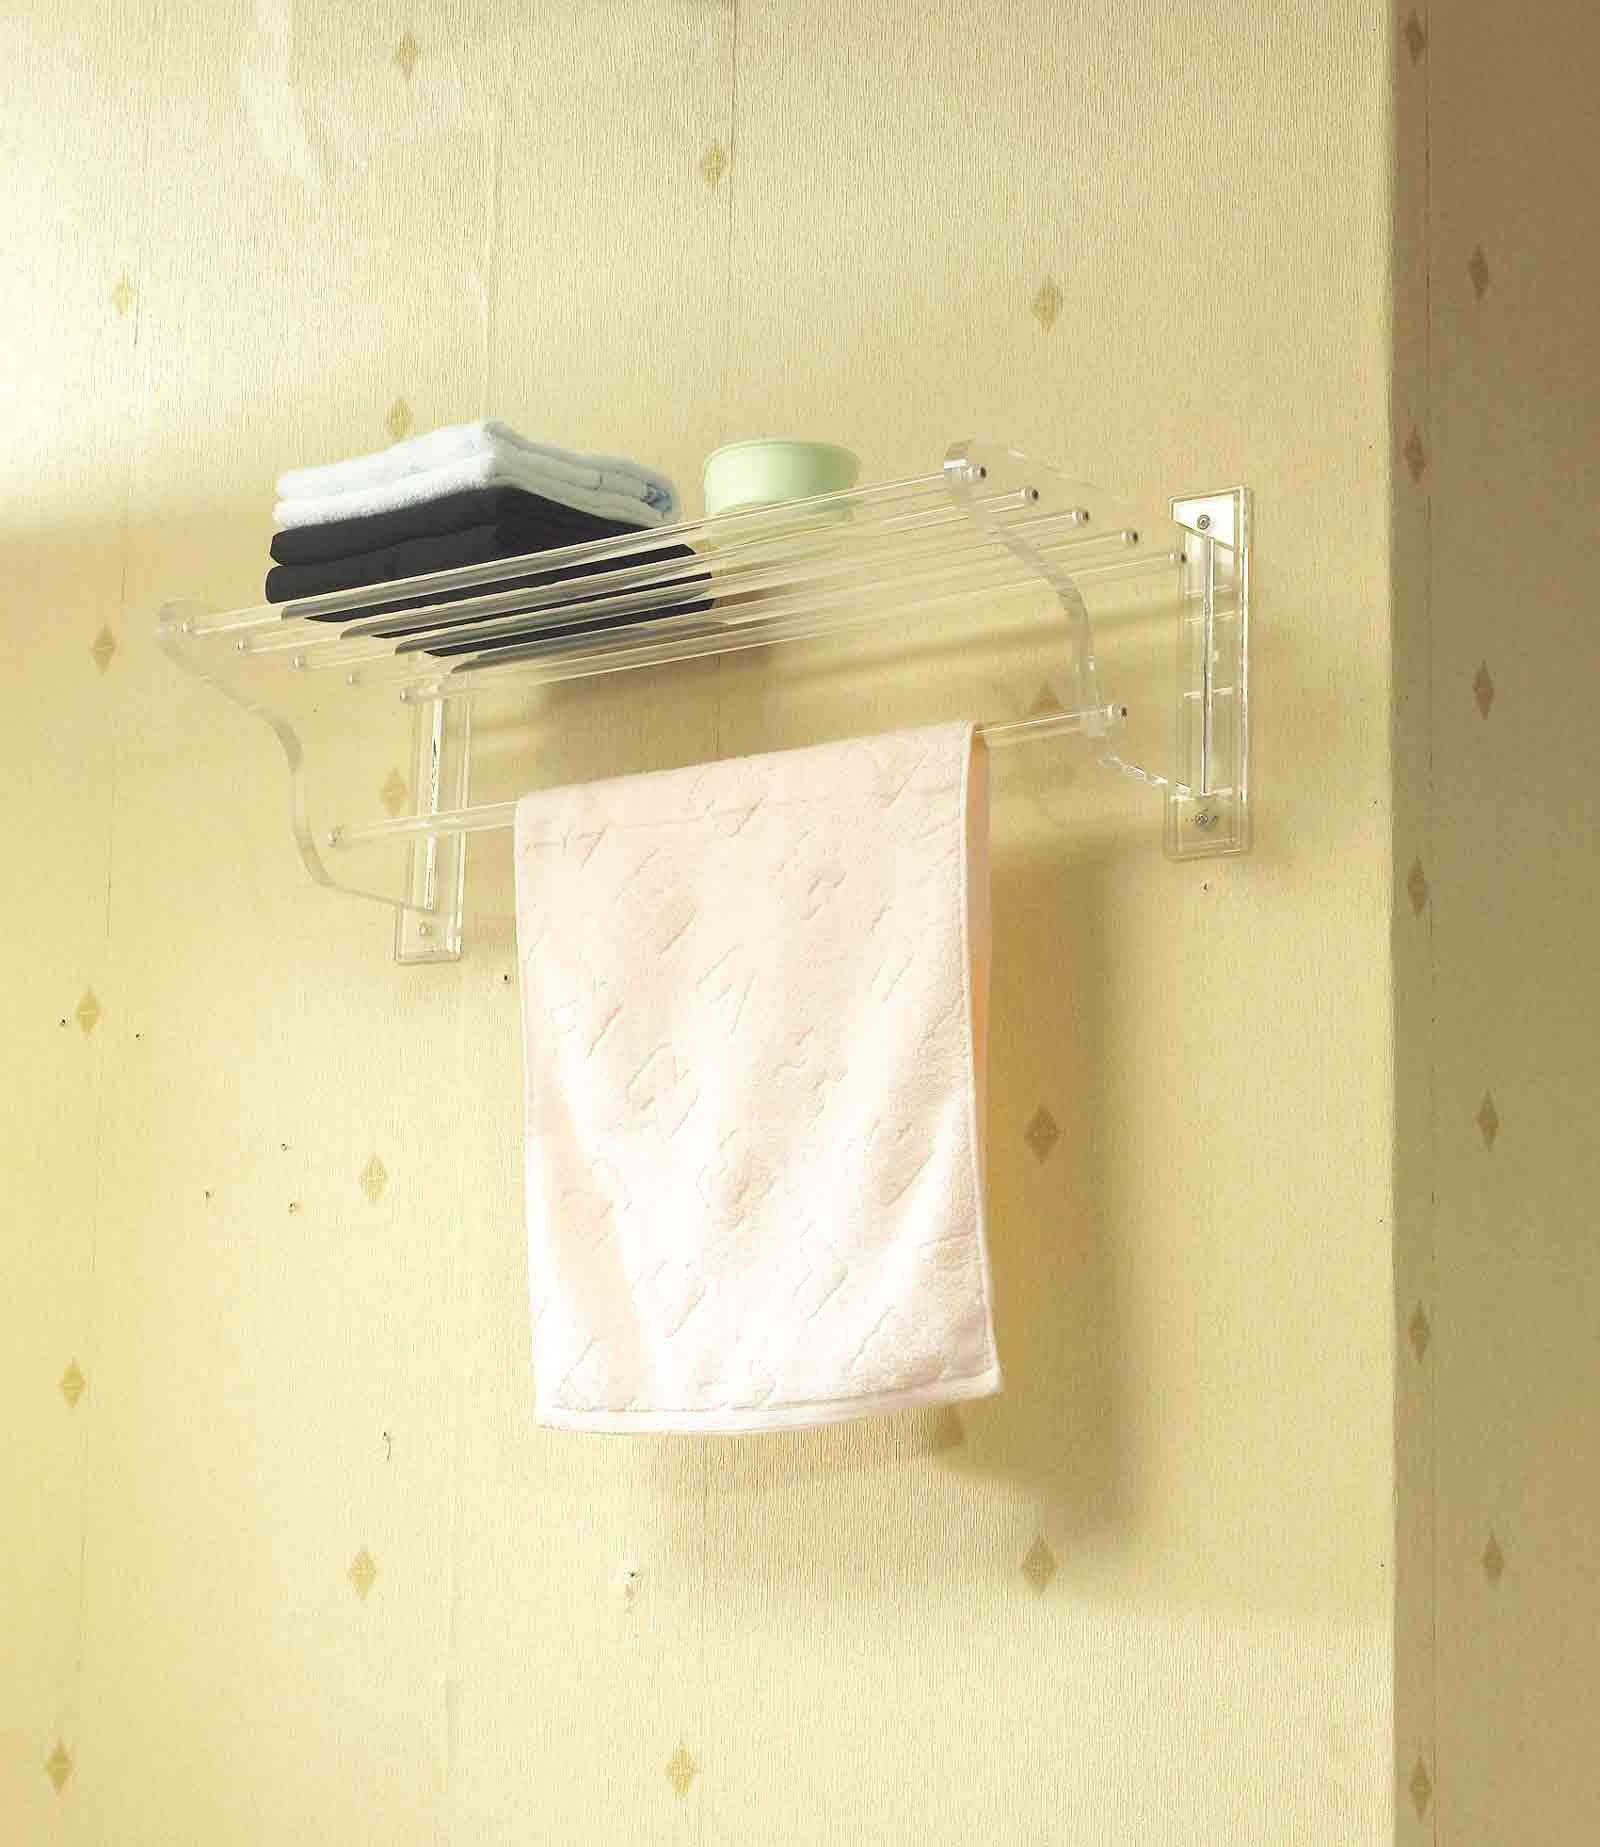 Elétrico de Banheiro de acrílico prateleira do banheiro de  #A68E25 1600x1847 Acessórios Para Banheiro De Hotel